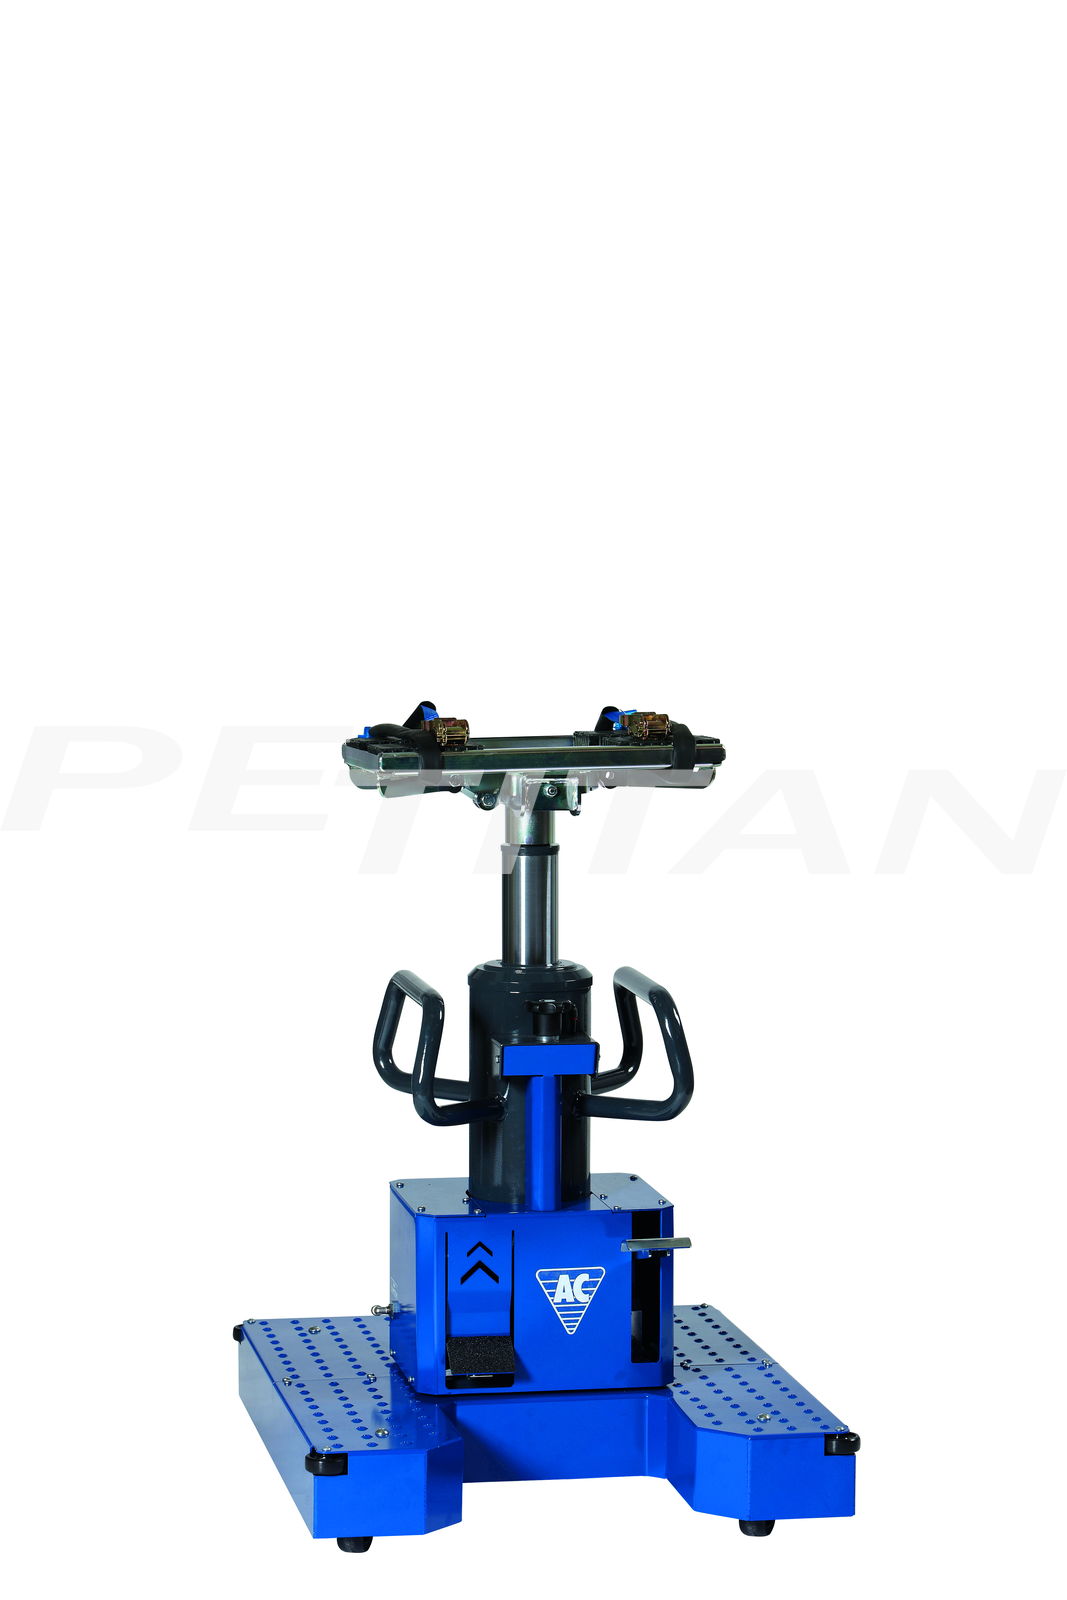 AC Hydraulic GGD150F emelő 3